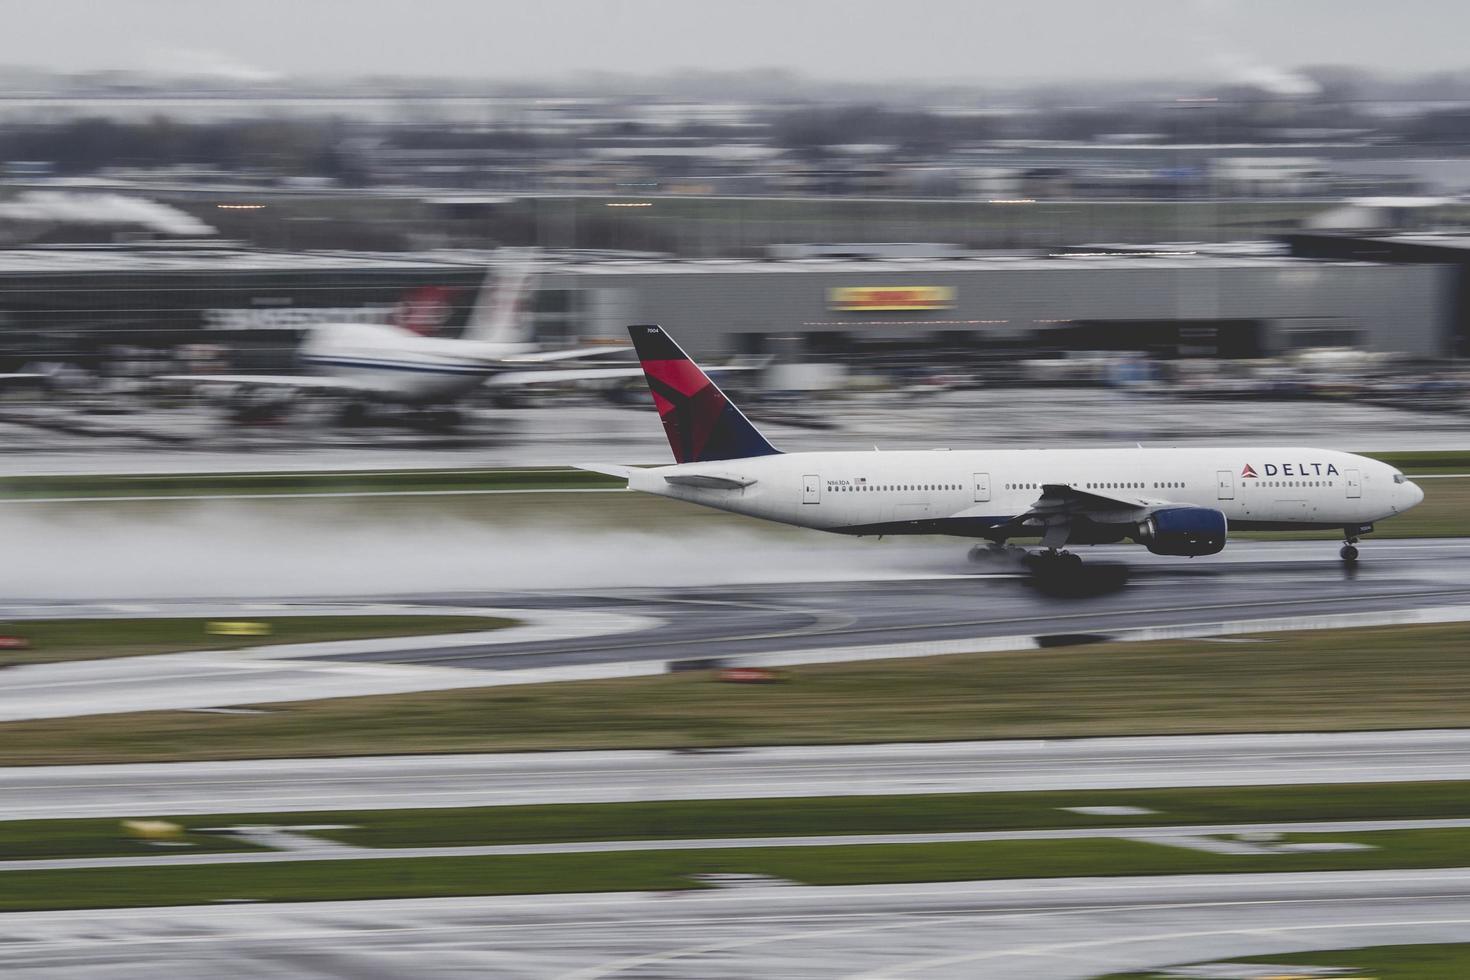 Paesi Bassi, l'aereo 2013-delta atterra all'aeroporto di Amsterdam Schiphol foto